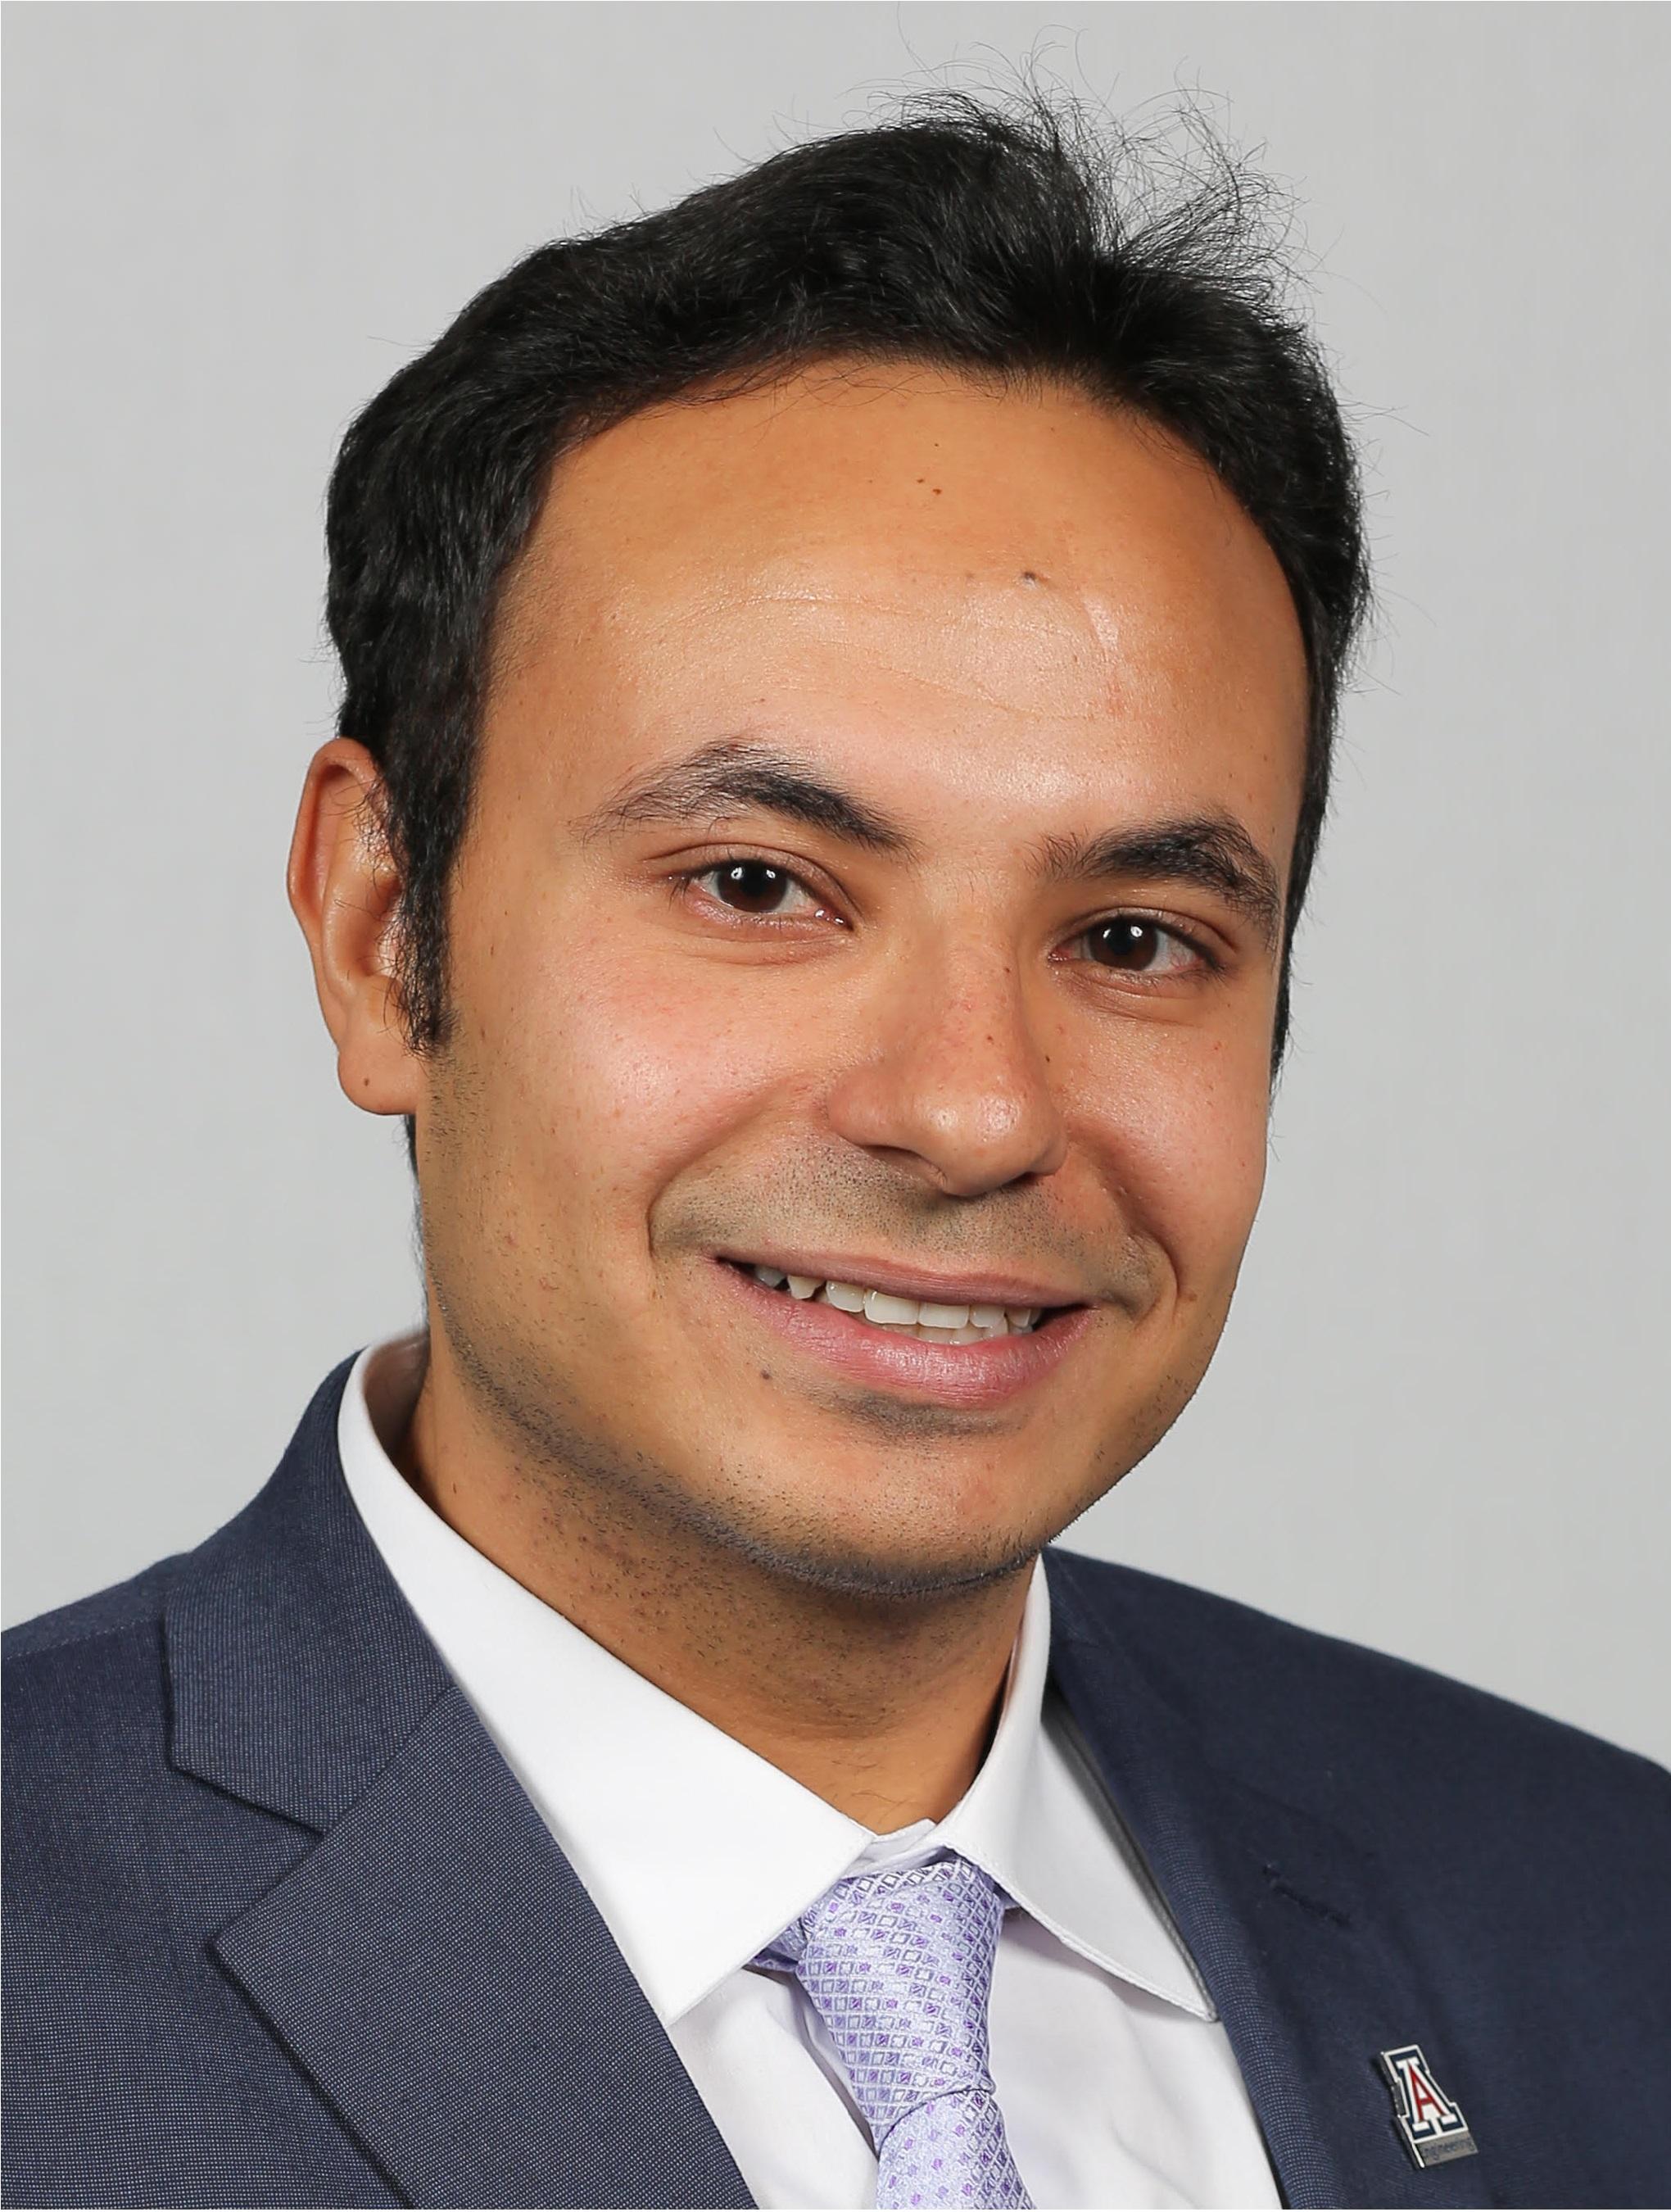 Abolfazl Karimpour